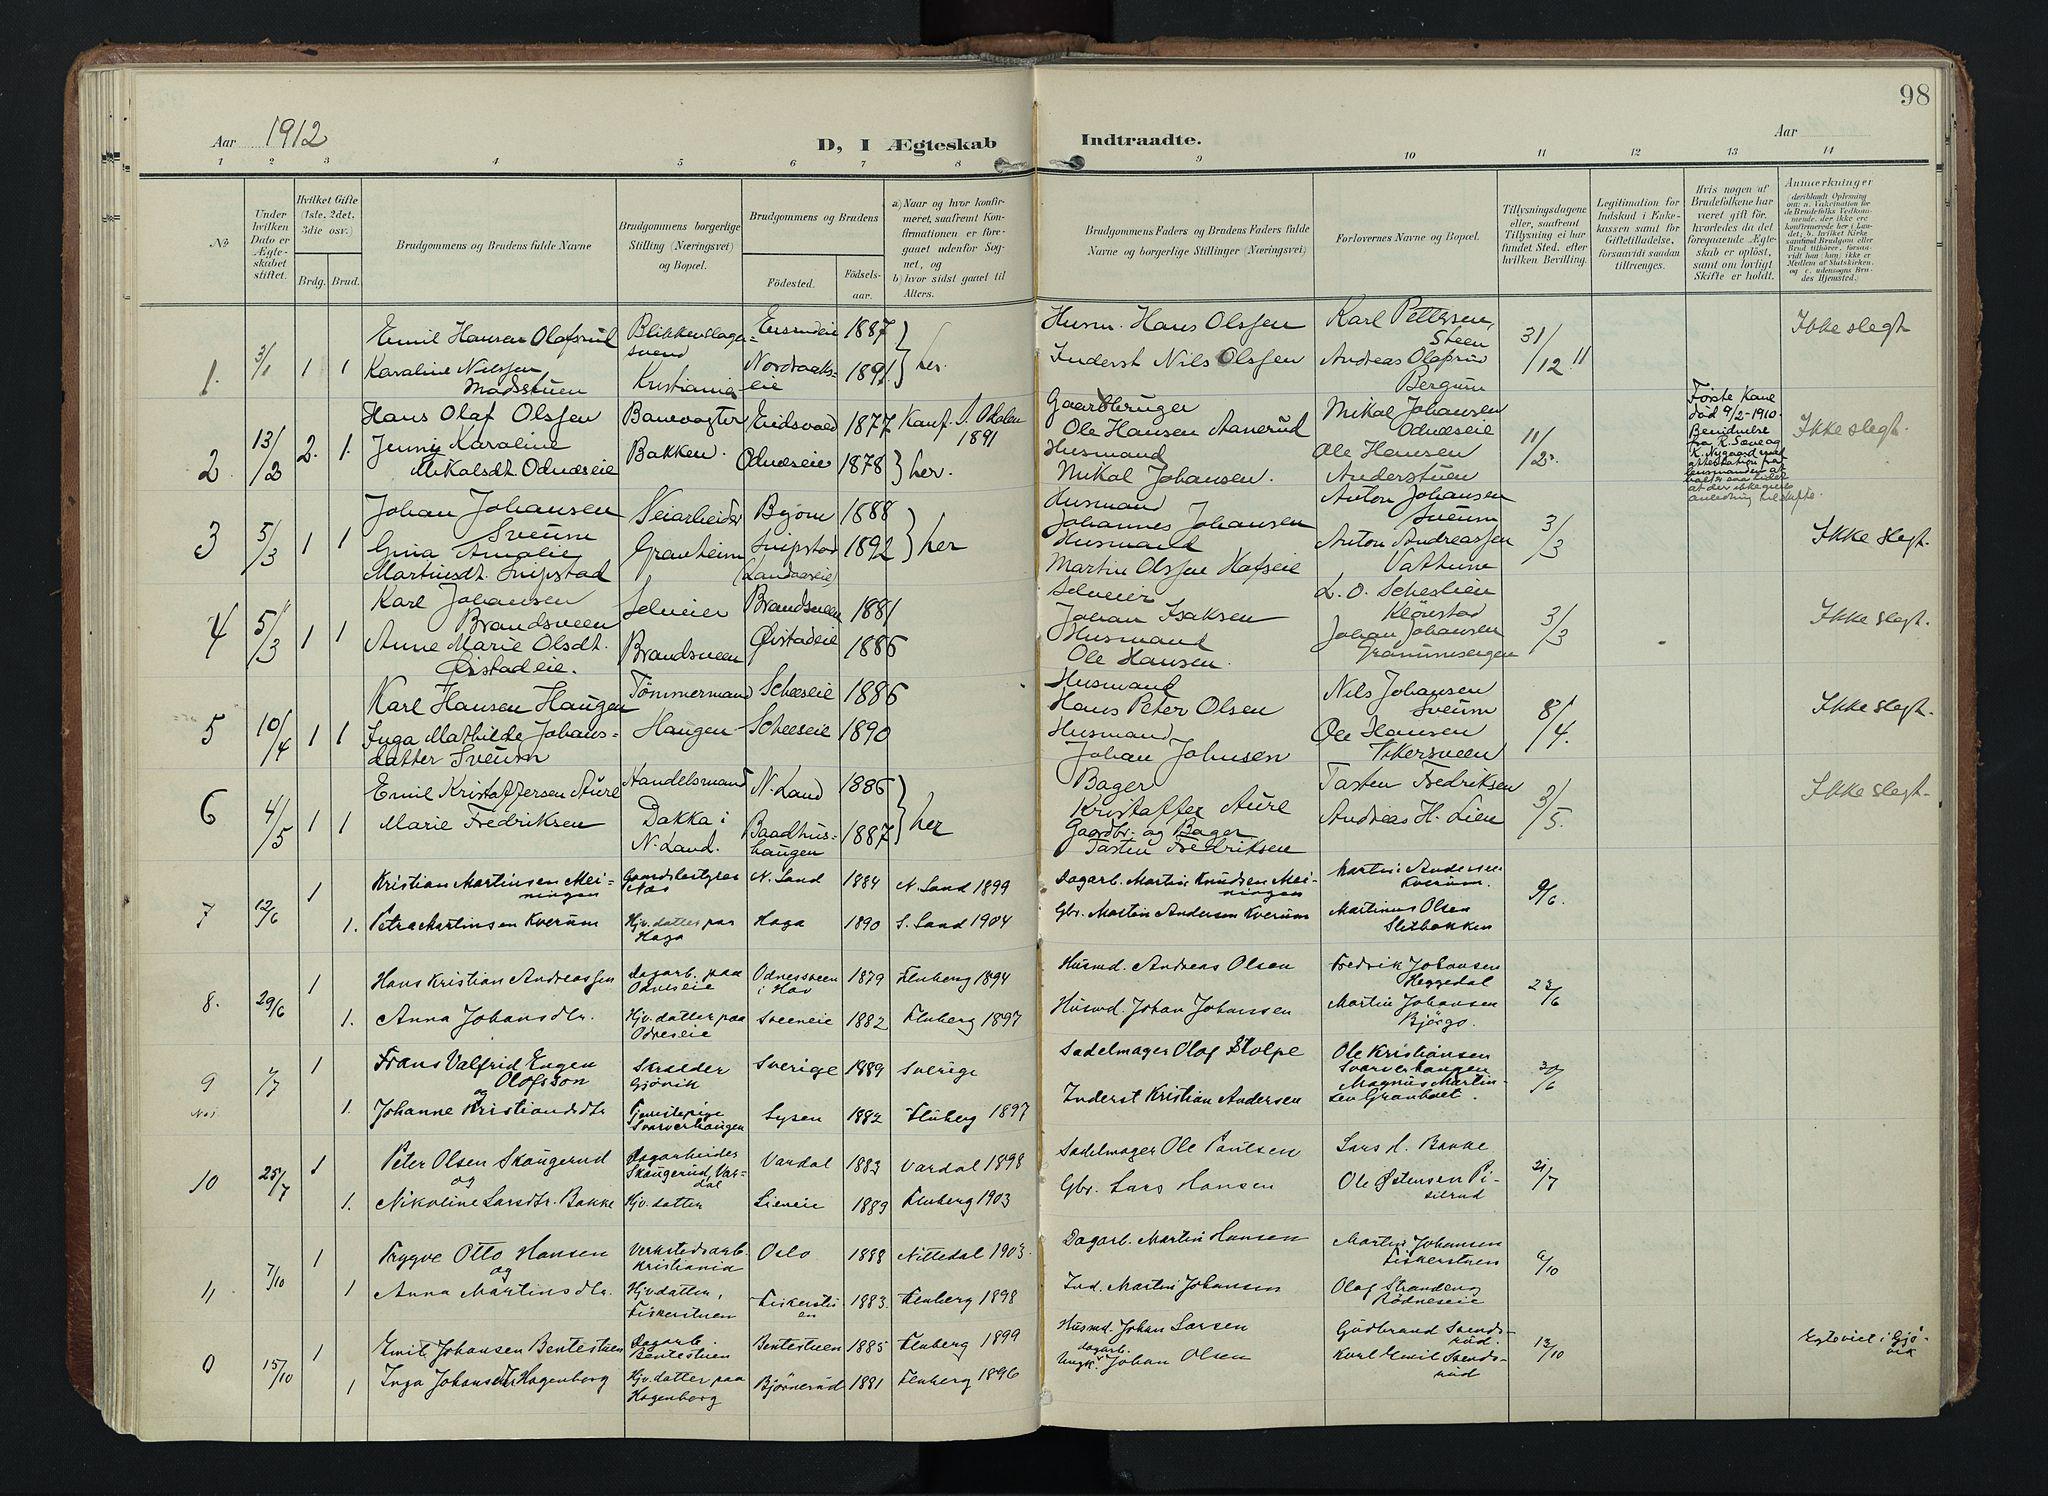 SAH, Søndre Land prestekontor, K/L0005: Ministerialbok nr. 5, 1905-1914, s. 98